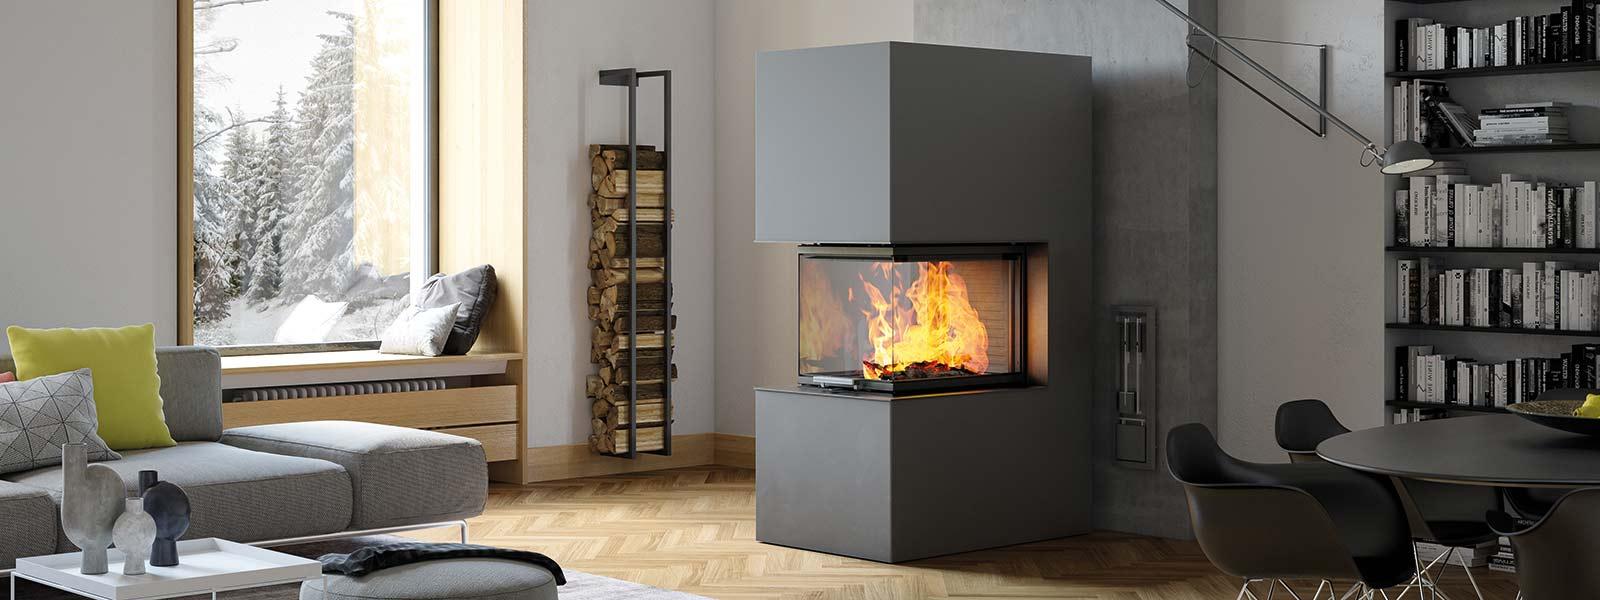 kamineinsatz visio 3 1 st beeindruckt mit einer. Black Bedroom Furniture Sets. Home Design Ideas